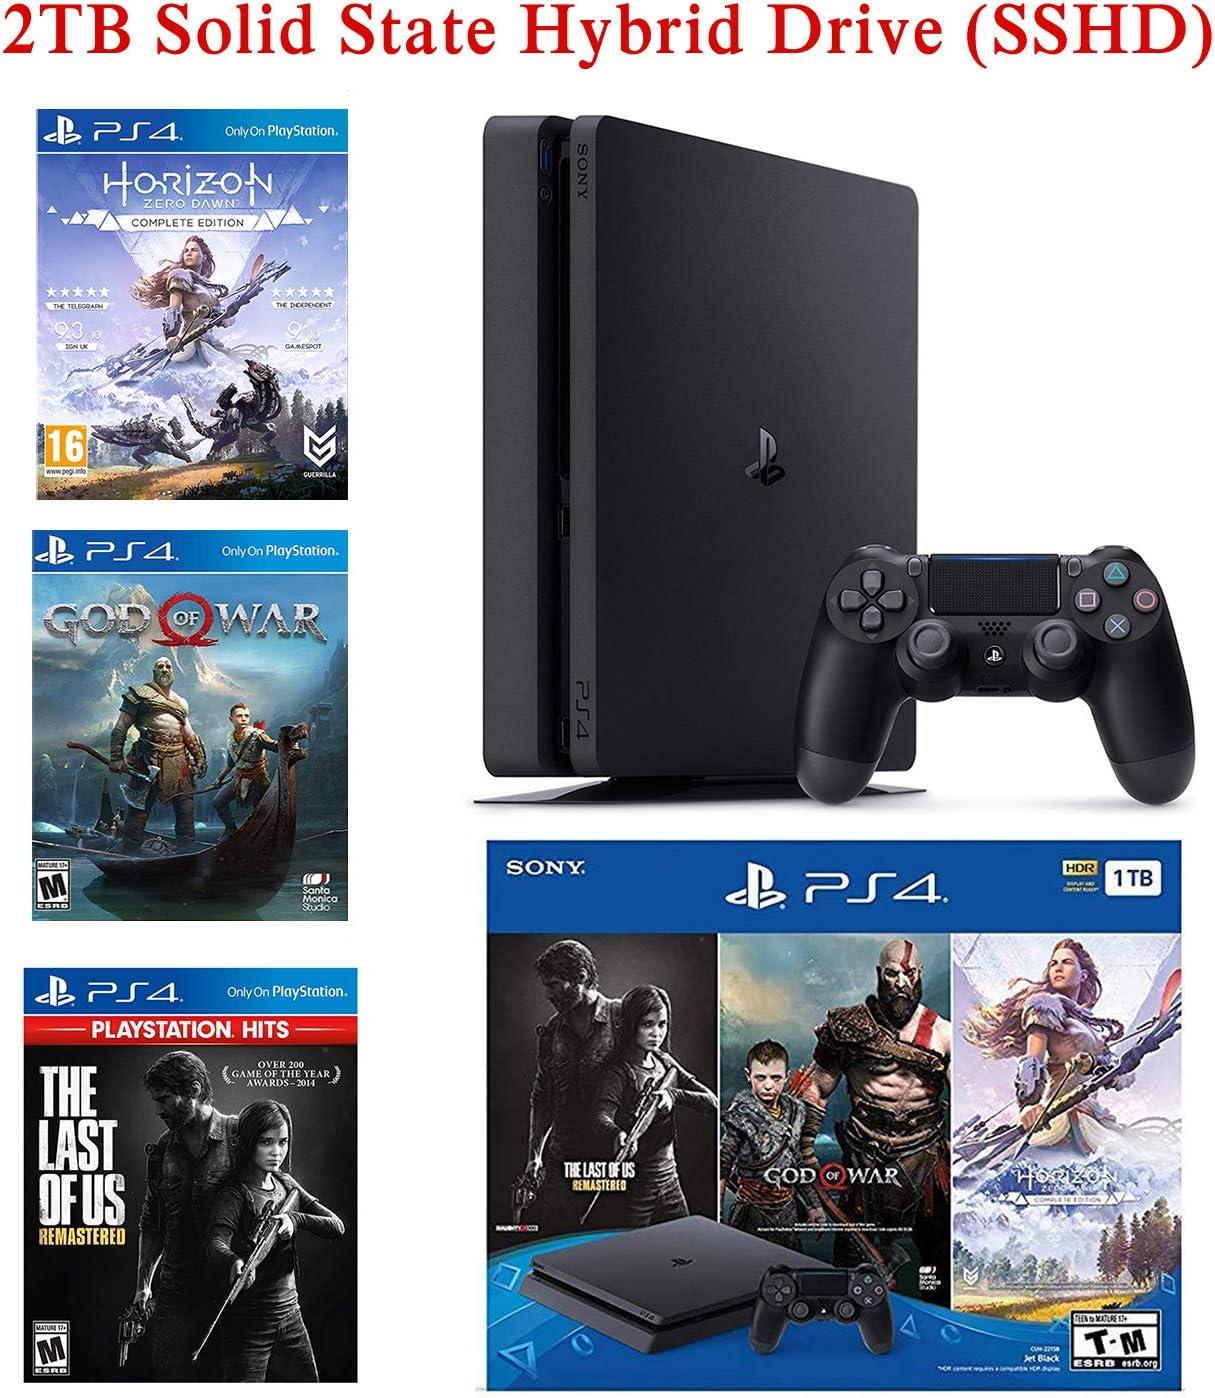 NexiGo 2019 Playstation 4 PS4 Consola Holiday Bundle Actualizado 2TB SSHD sólo en Playstation PS4 Slim Bundle-Incluido 3X Juegos (El último de nosotros, Dios de la guerra, Horizon Zero Dawn): Amazon.es: Informática